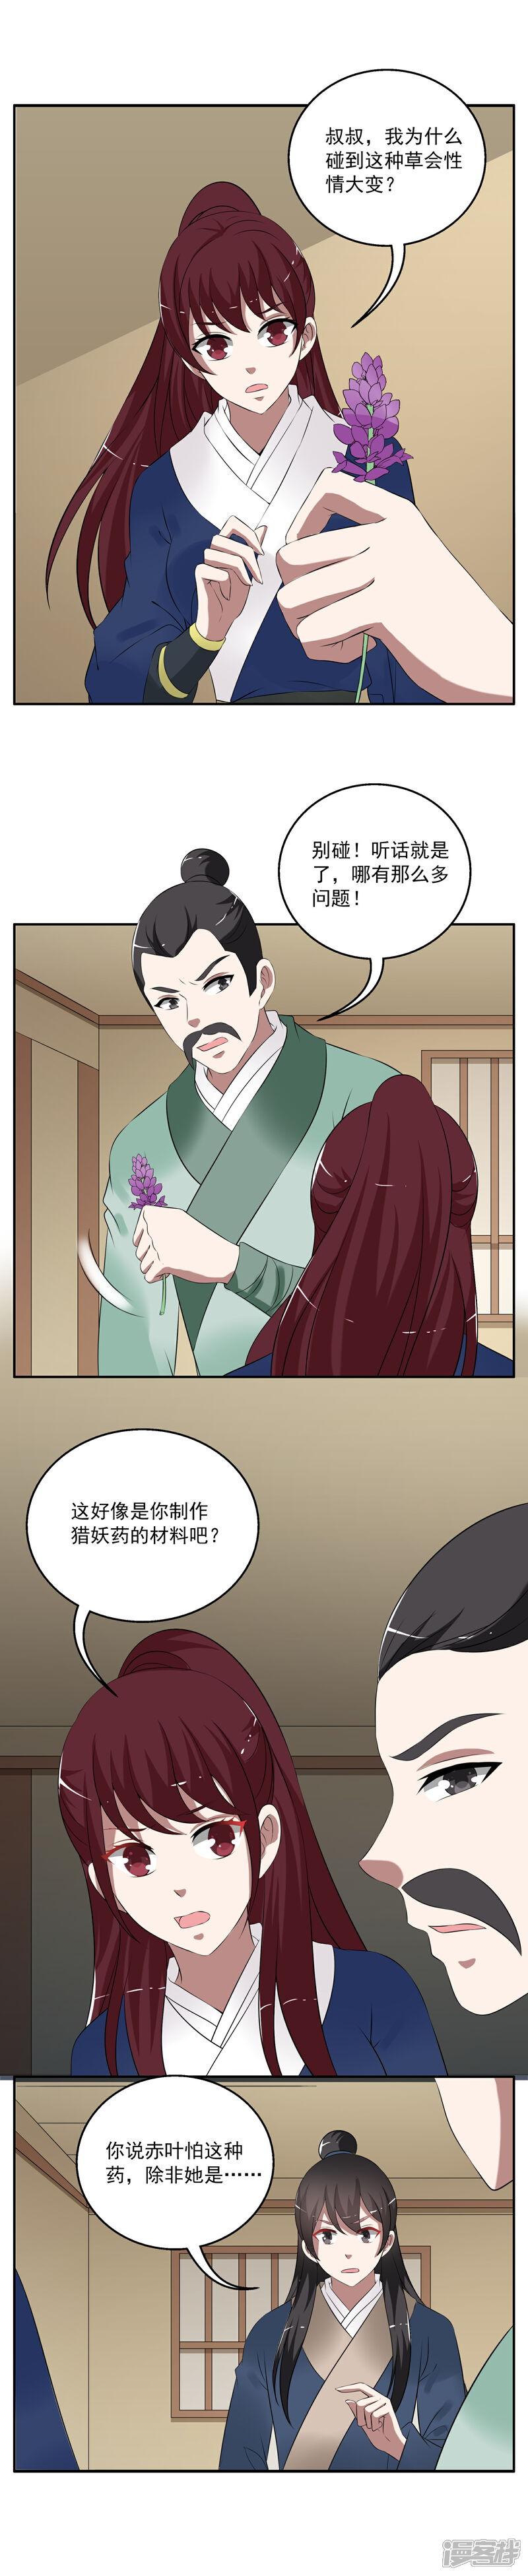 洛小妖185 (2).JPG